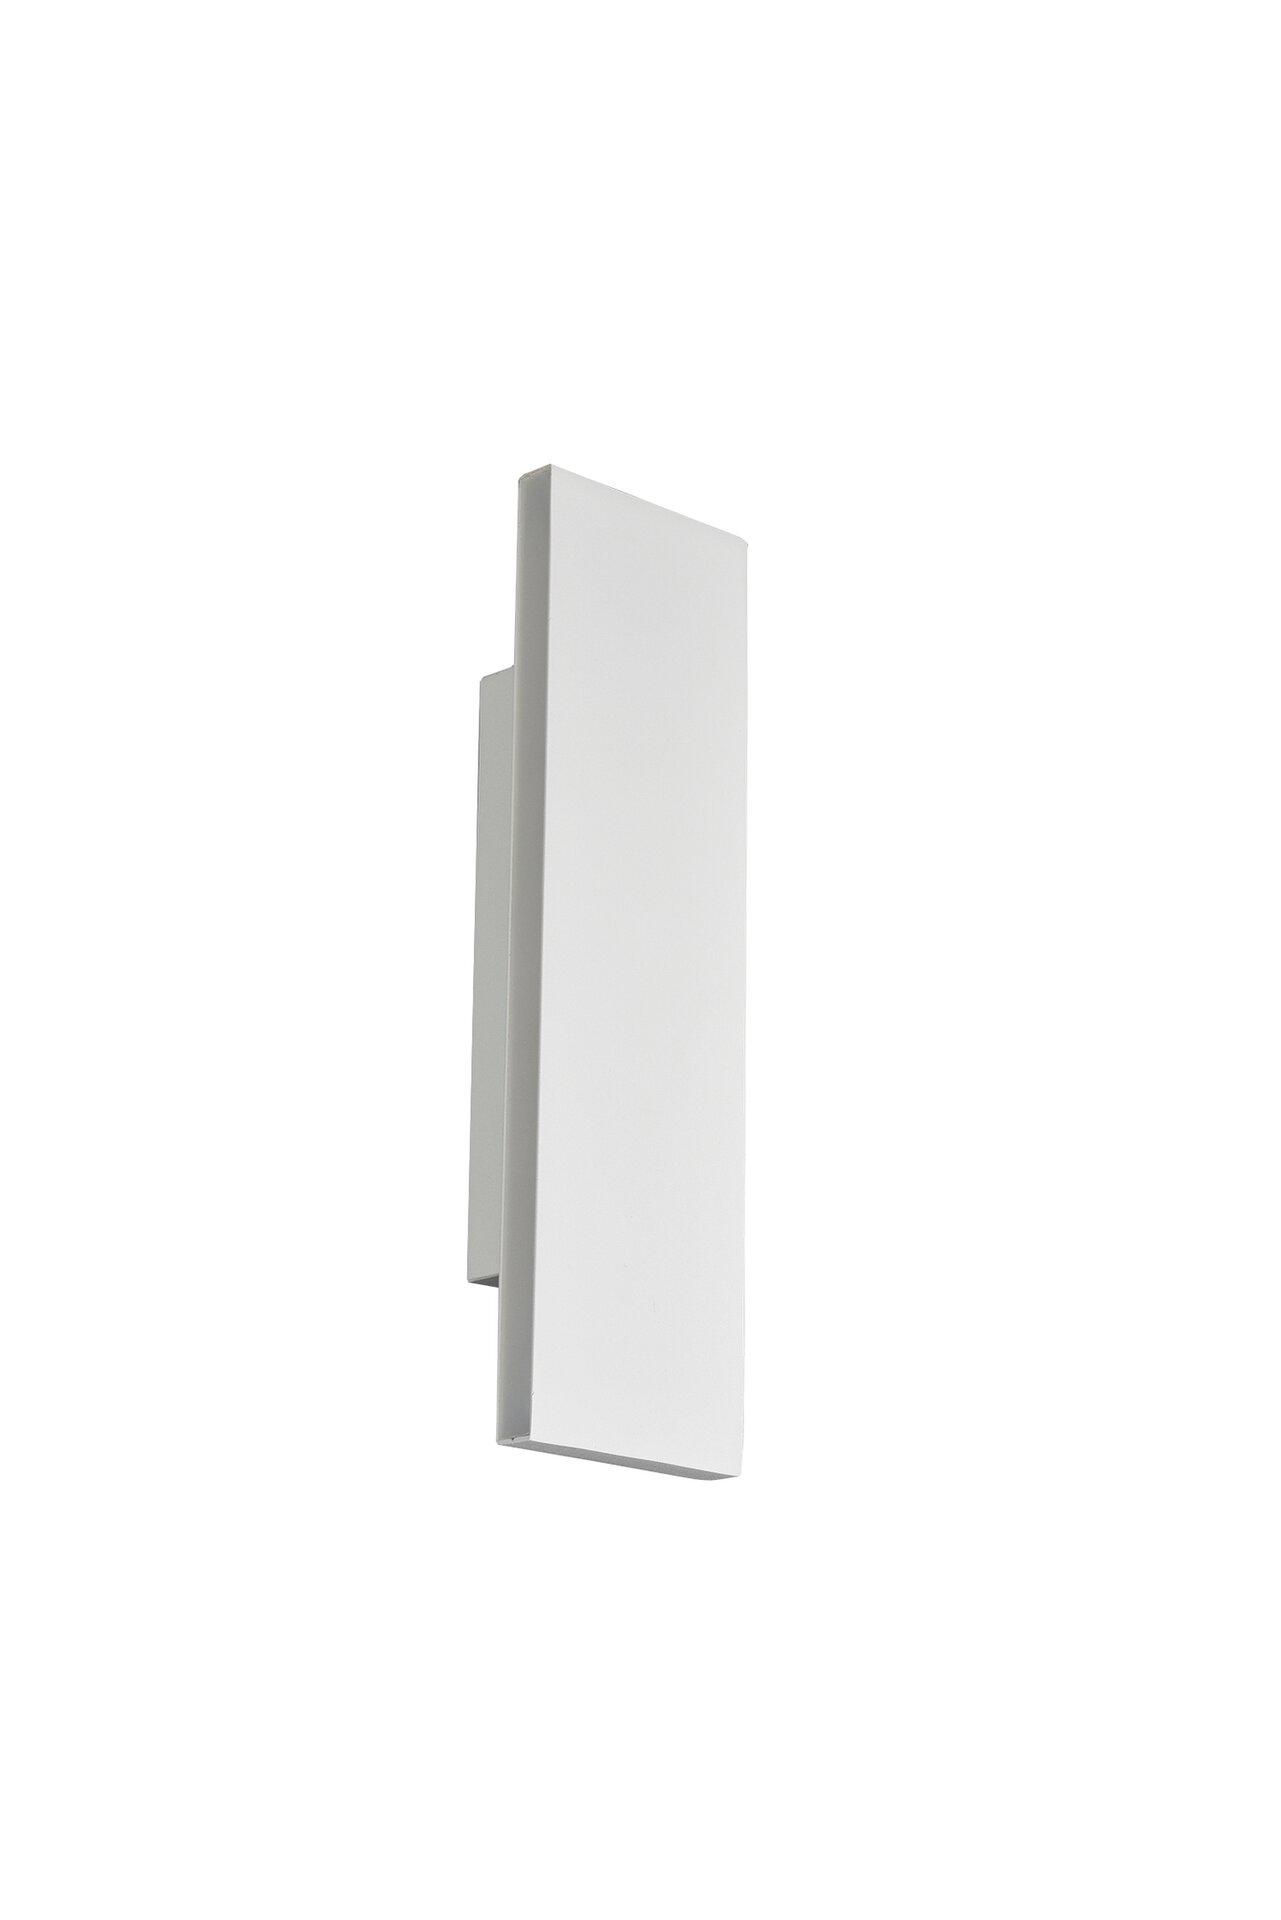 Wandleuchte Concha Trio Leuchten Metall weiß 5 x 8 x 28 cm